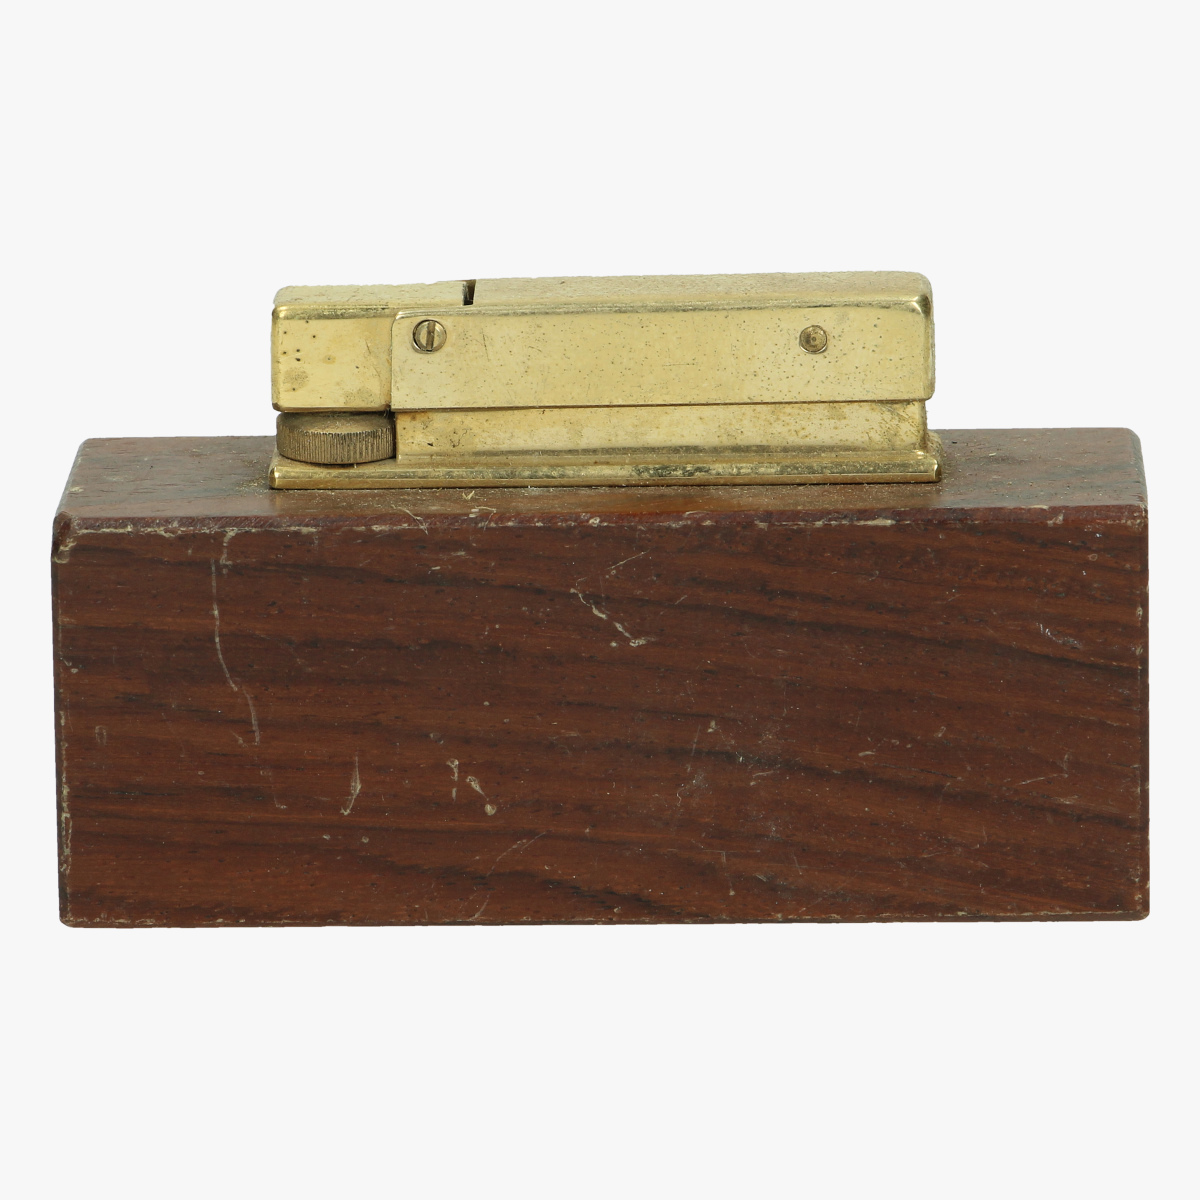 Afbeeldingen van aansteker houten blokje